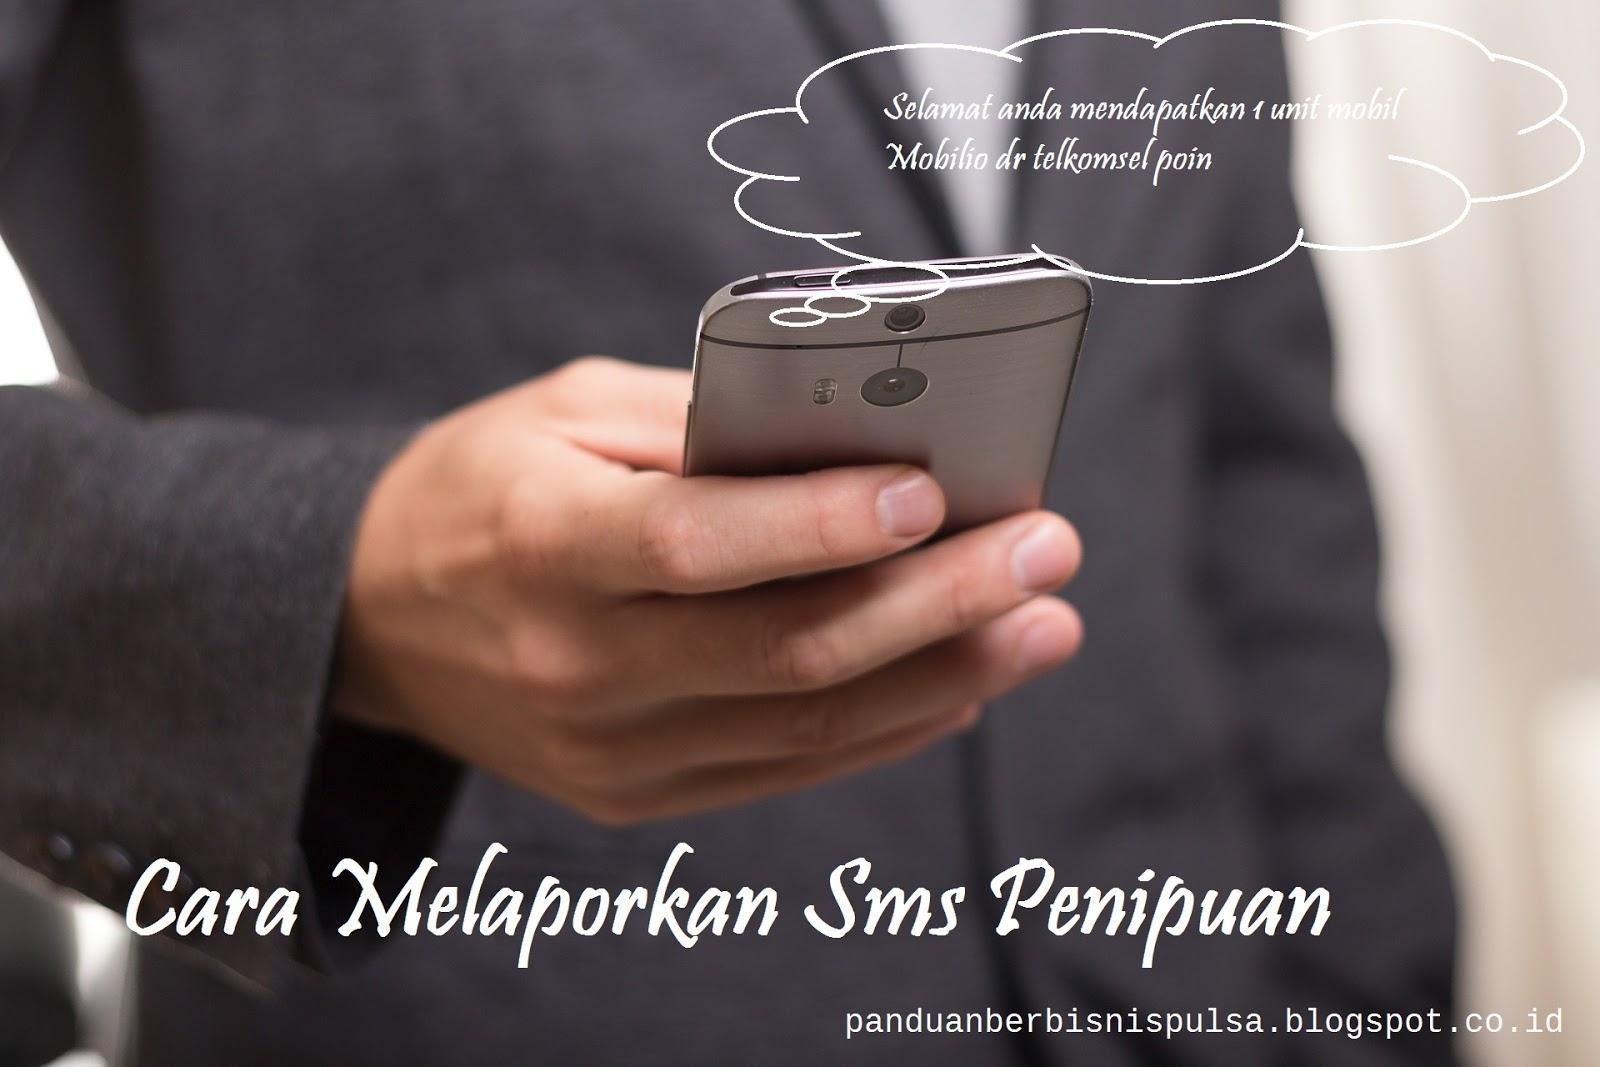 Cara Melaporkan Sms Penipuan Ke Telkomsel Xl Dan Indosat